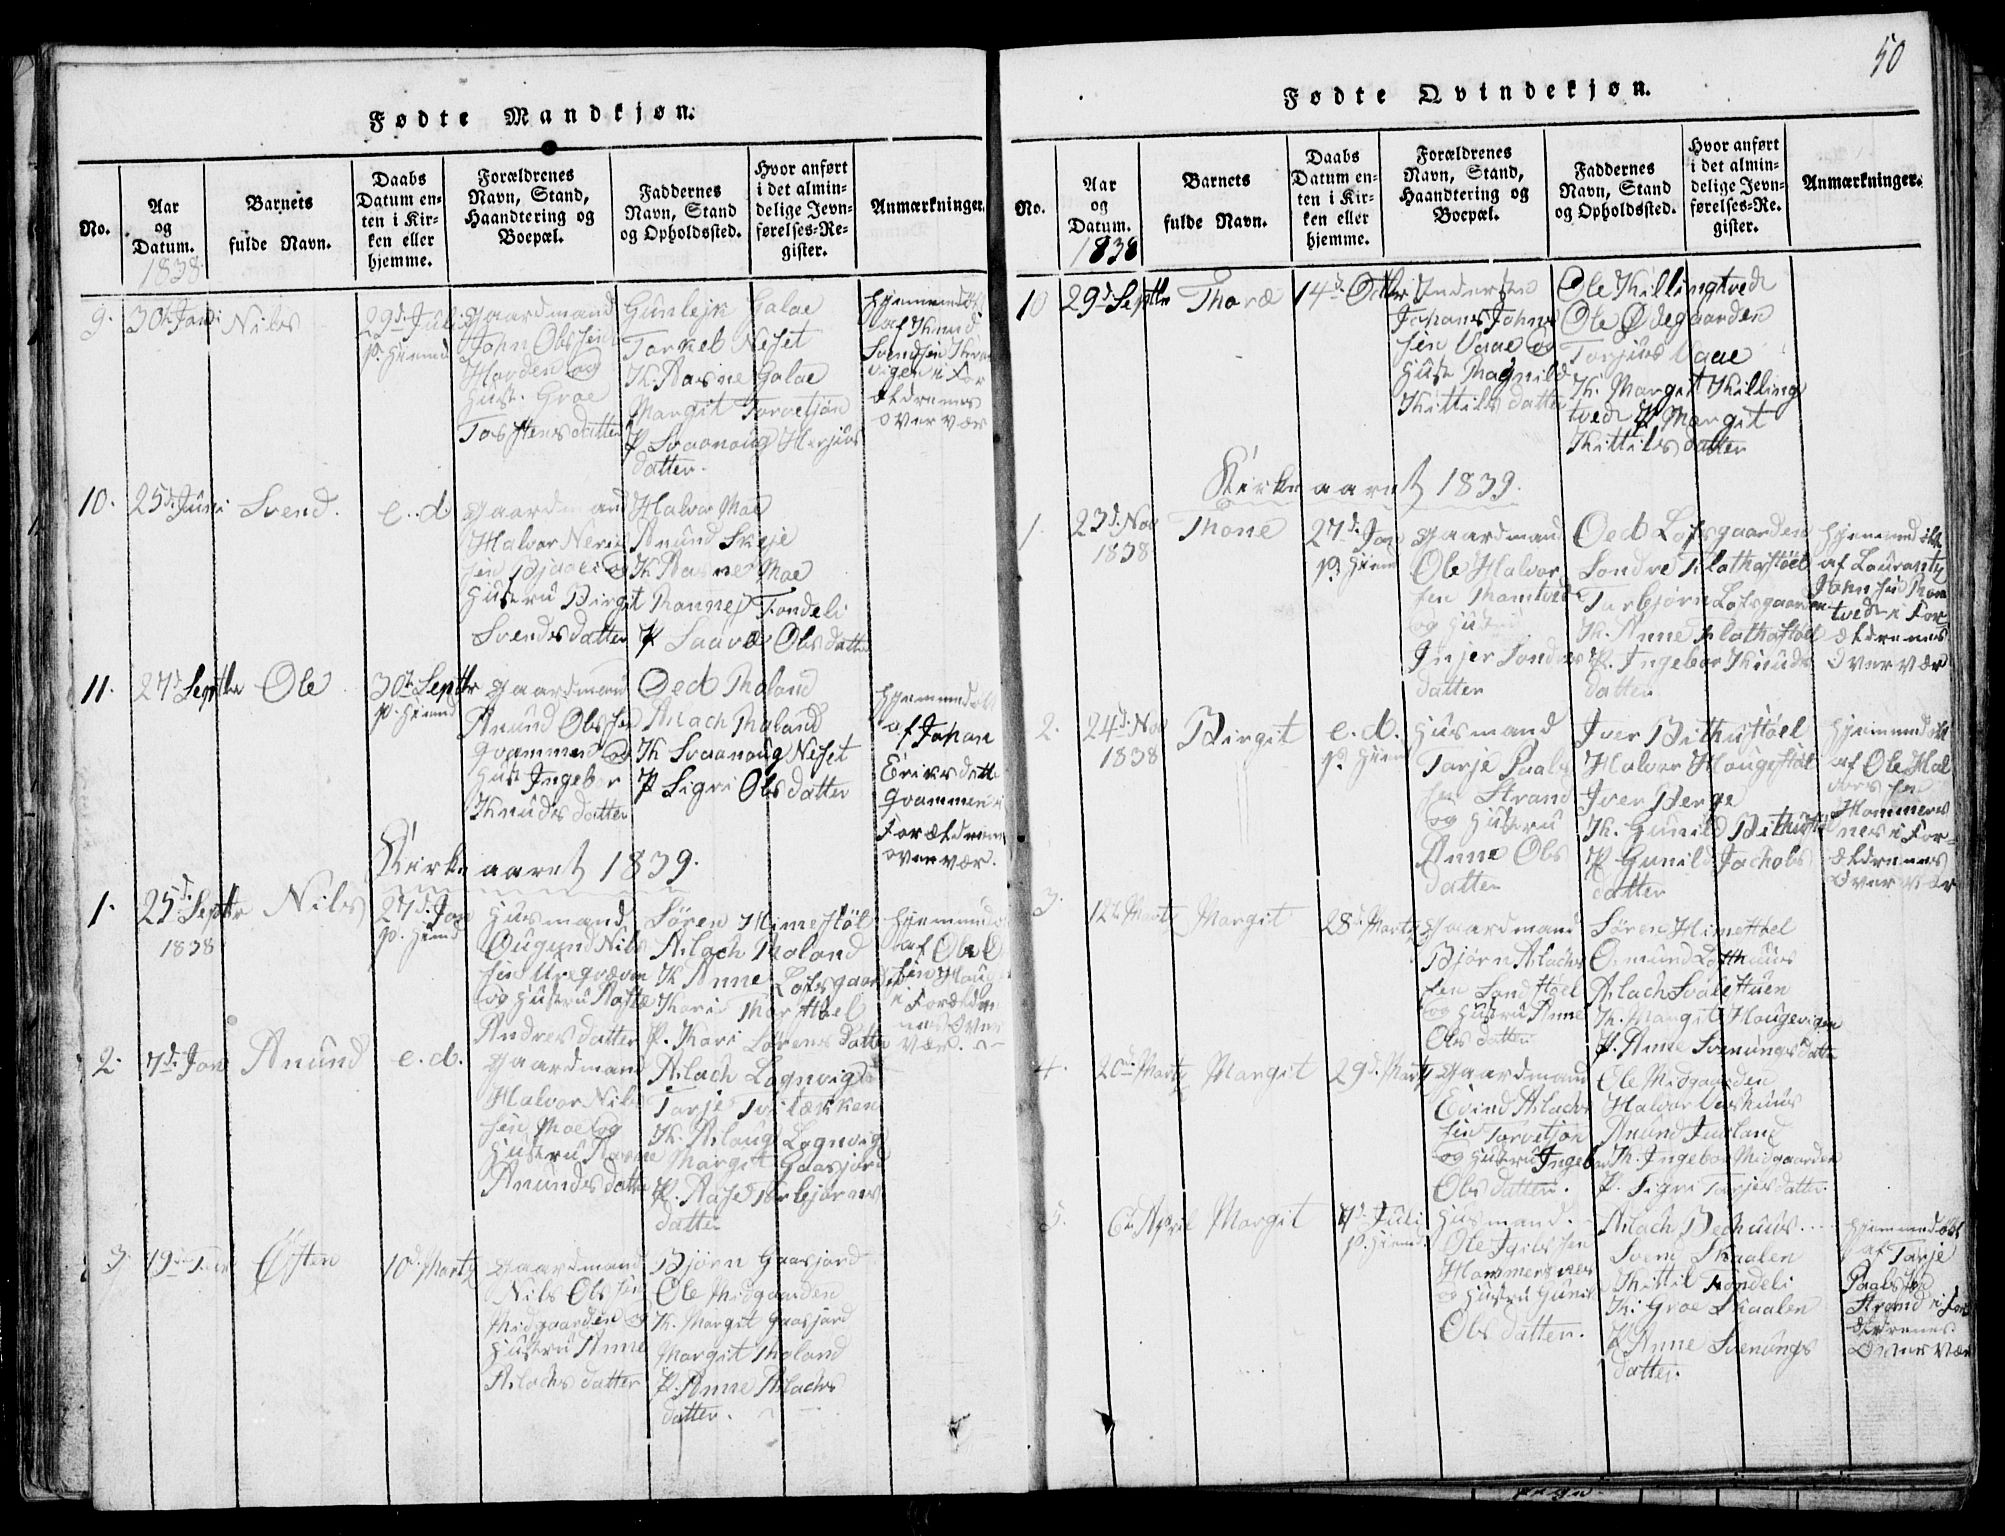 SAKO, Rauland kirkebøker, G/Ga/L0001: Klokkerbok nr. I 1, 1814-1843, s. 50